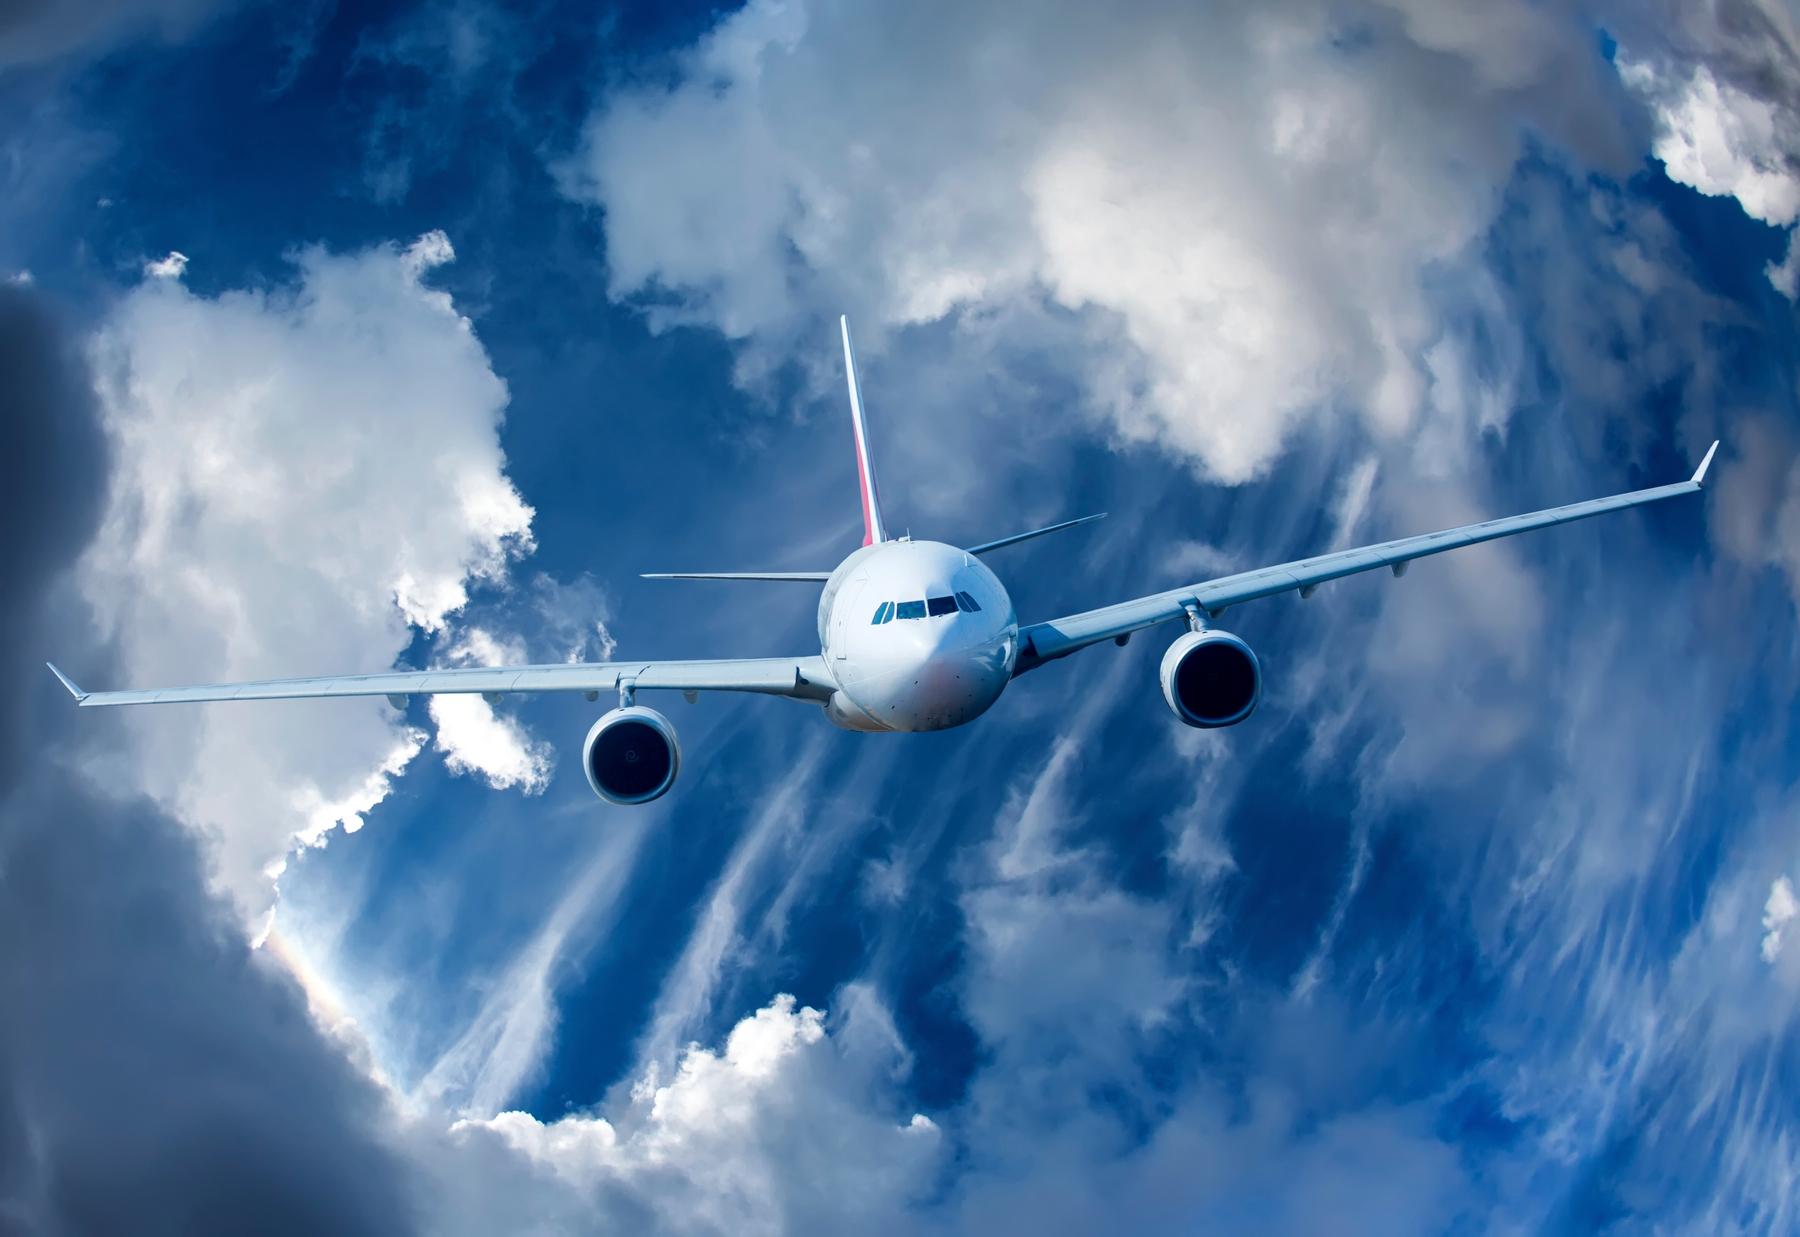 Czy turbulencje są niebezpieczne?